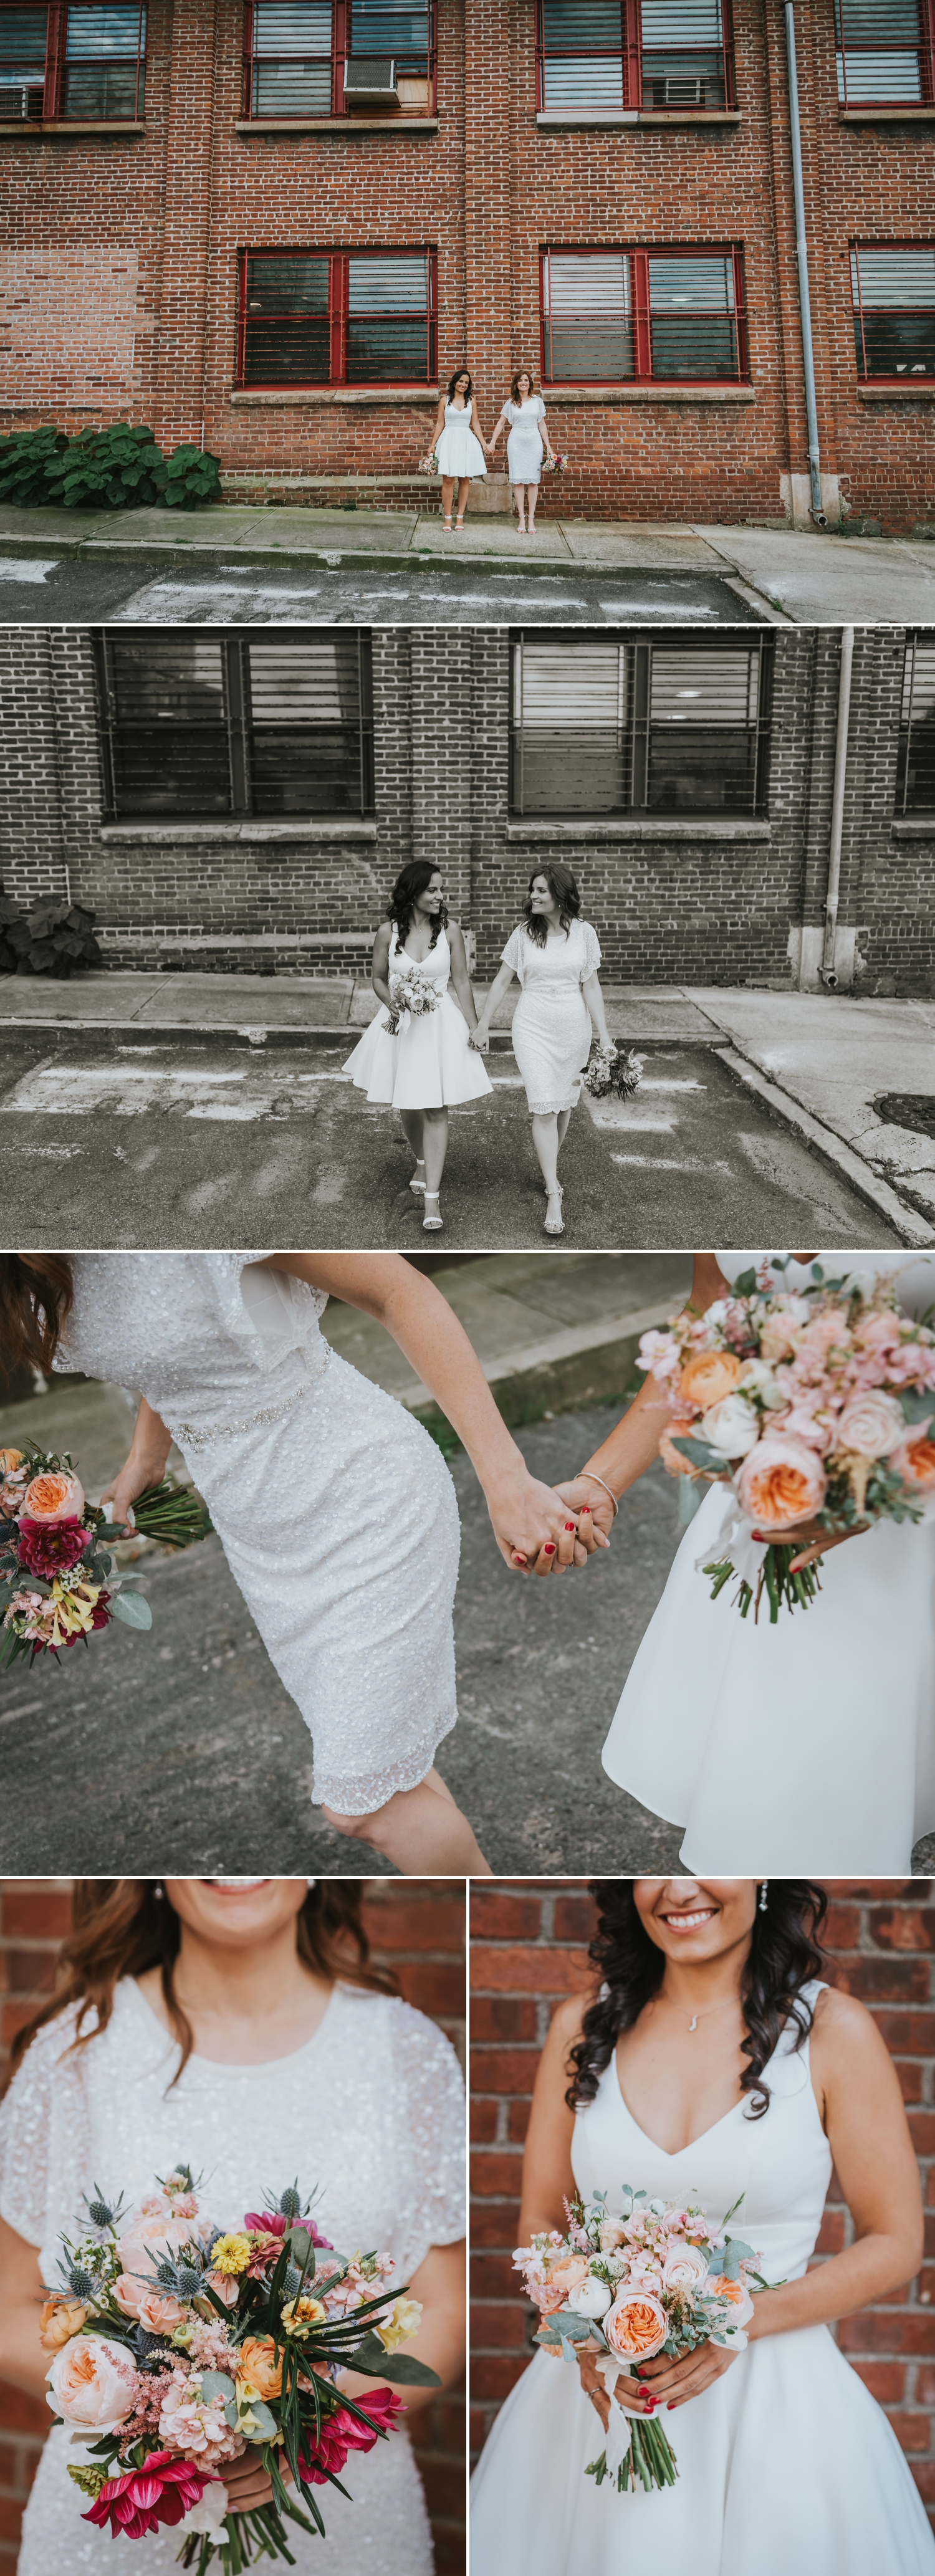 Ana & Christie Brooklyn Winery North Brooklyn Farms Wedding (6).jpg